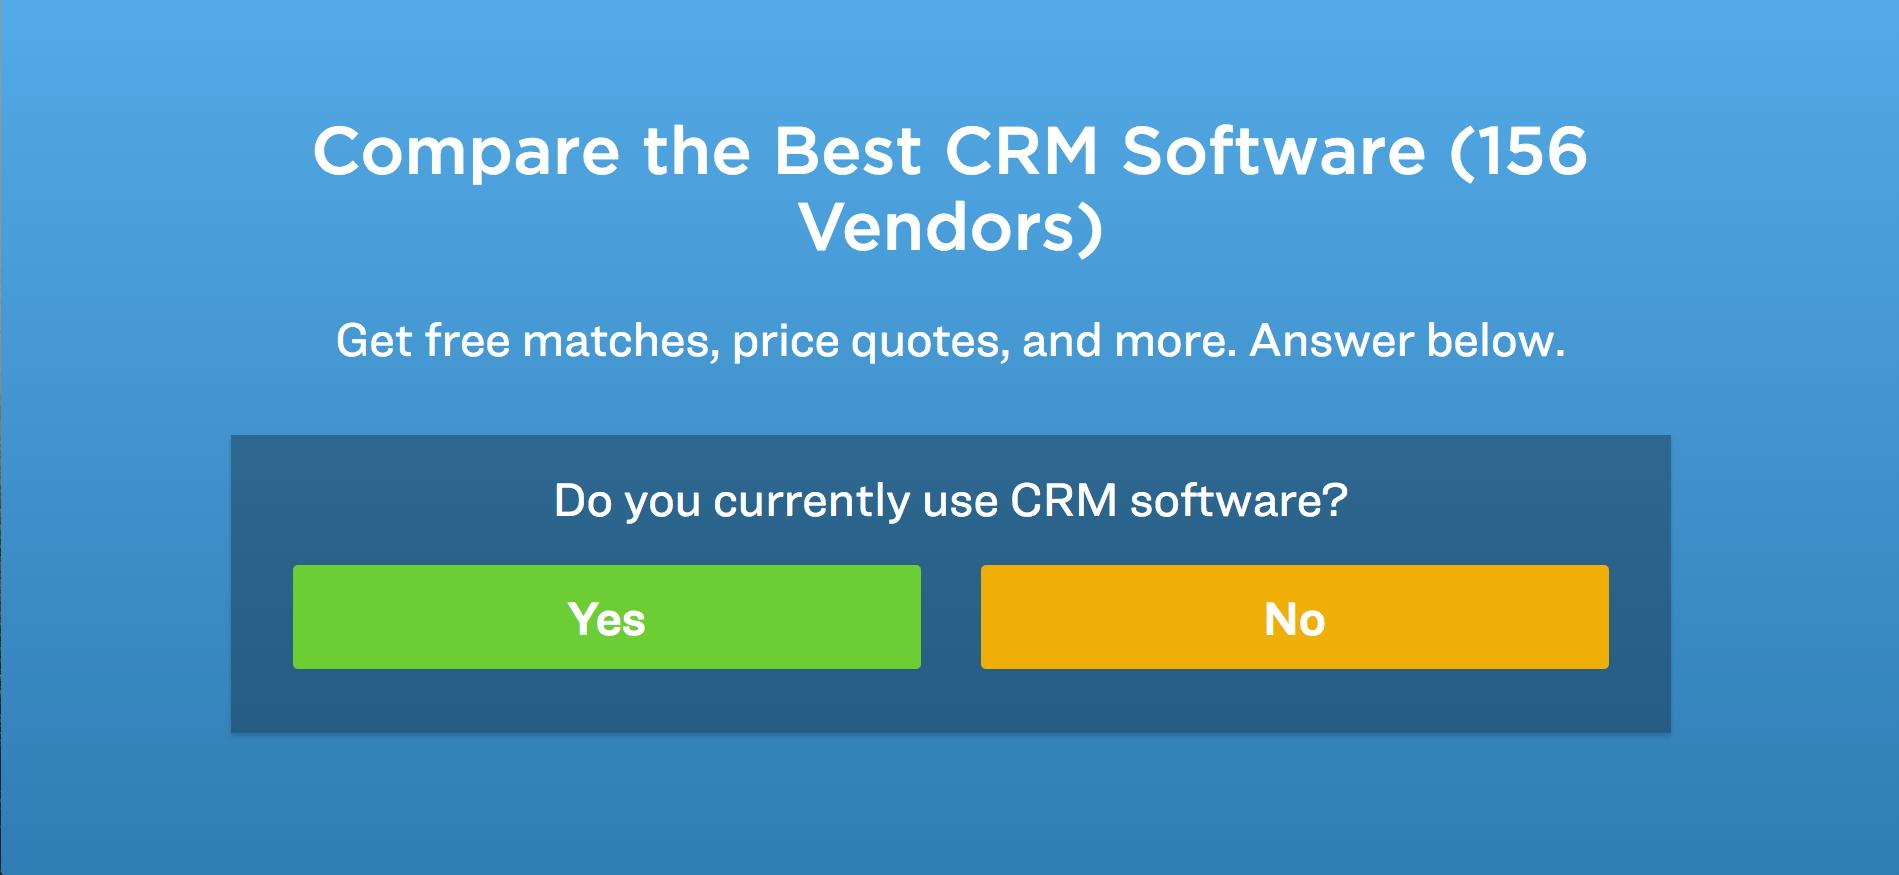 compare CRM vendors